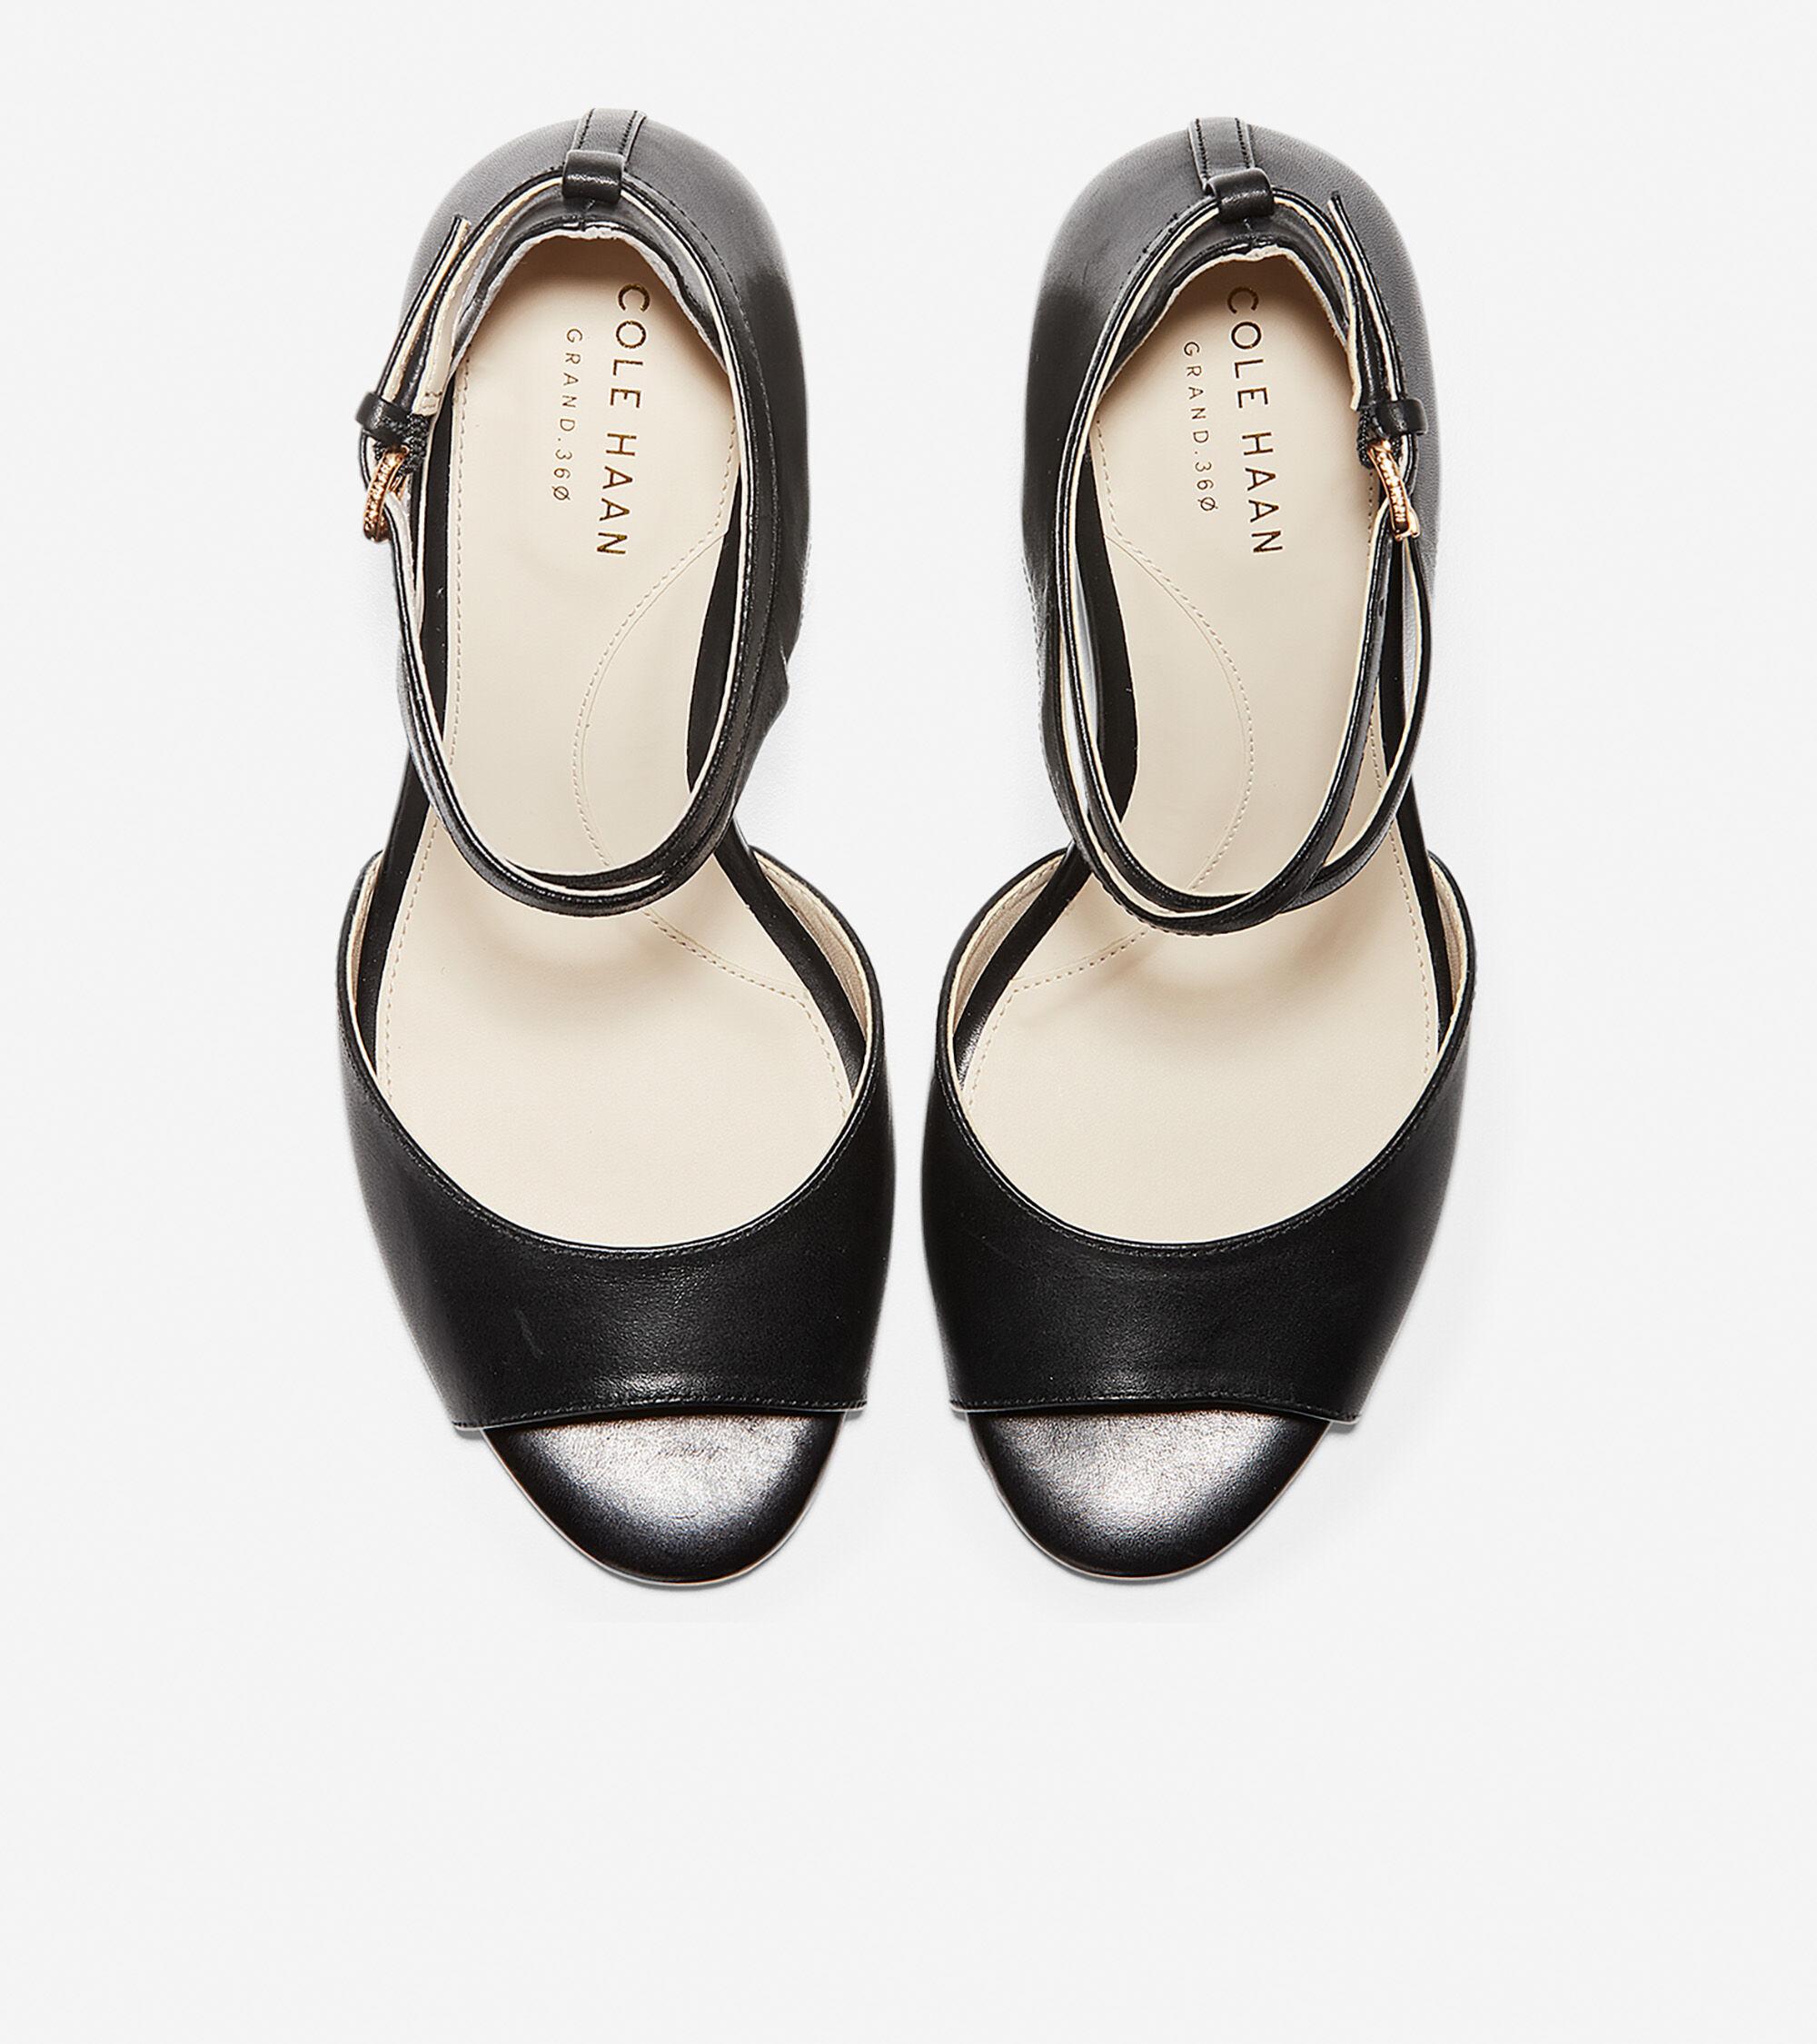 0487cba66 Women's Sadie Open Toe Wedge Sandals 75MM in Black | Cole Haan